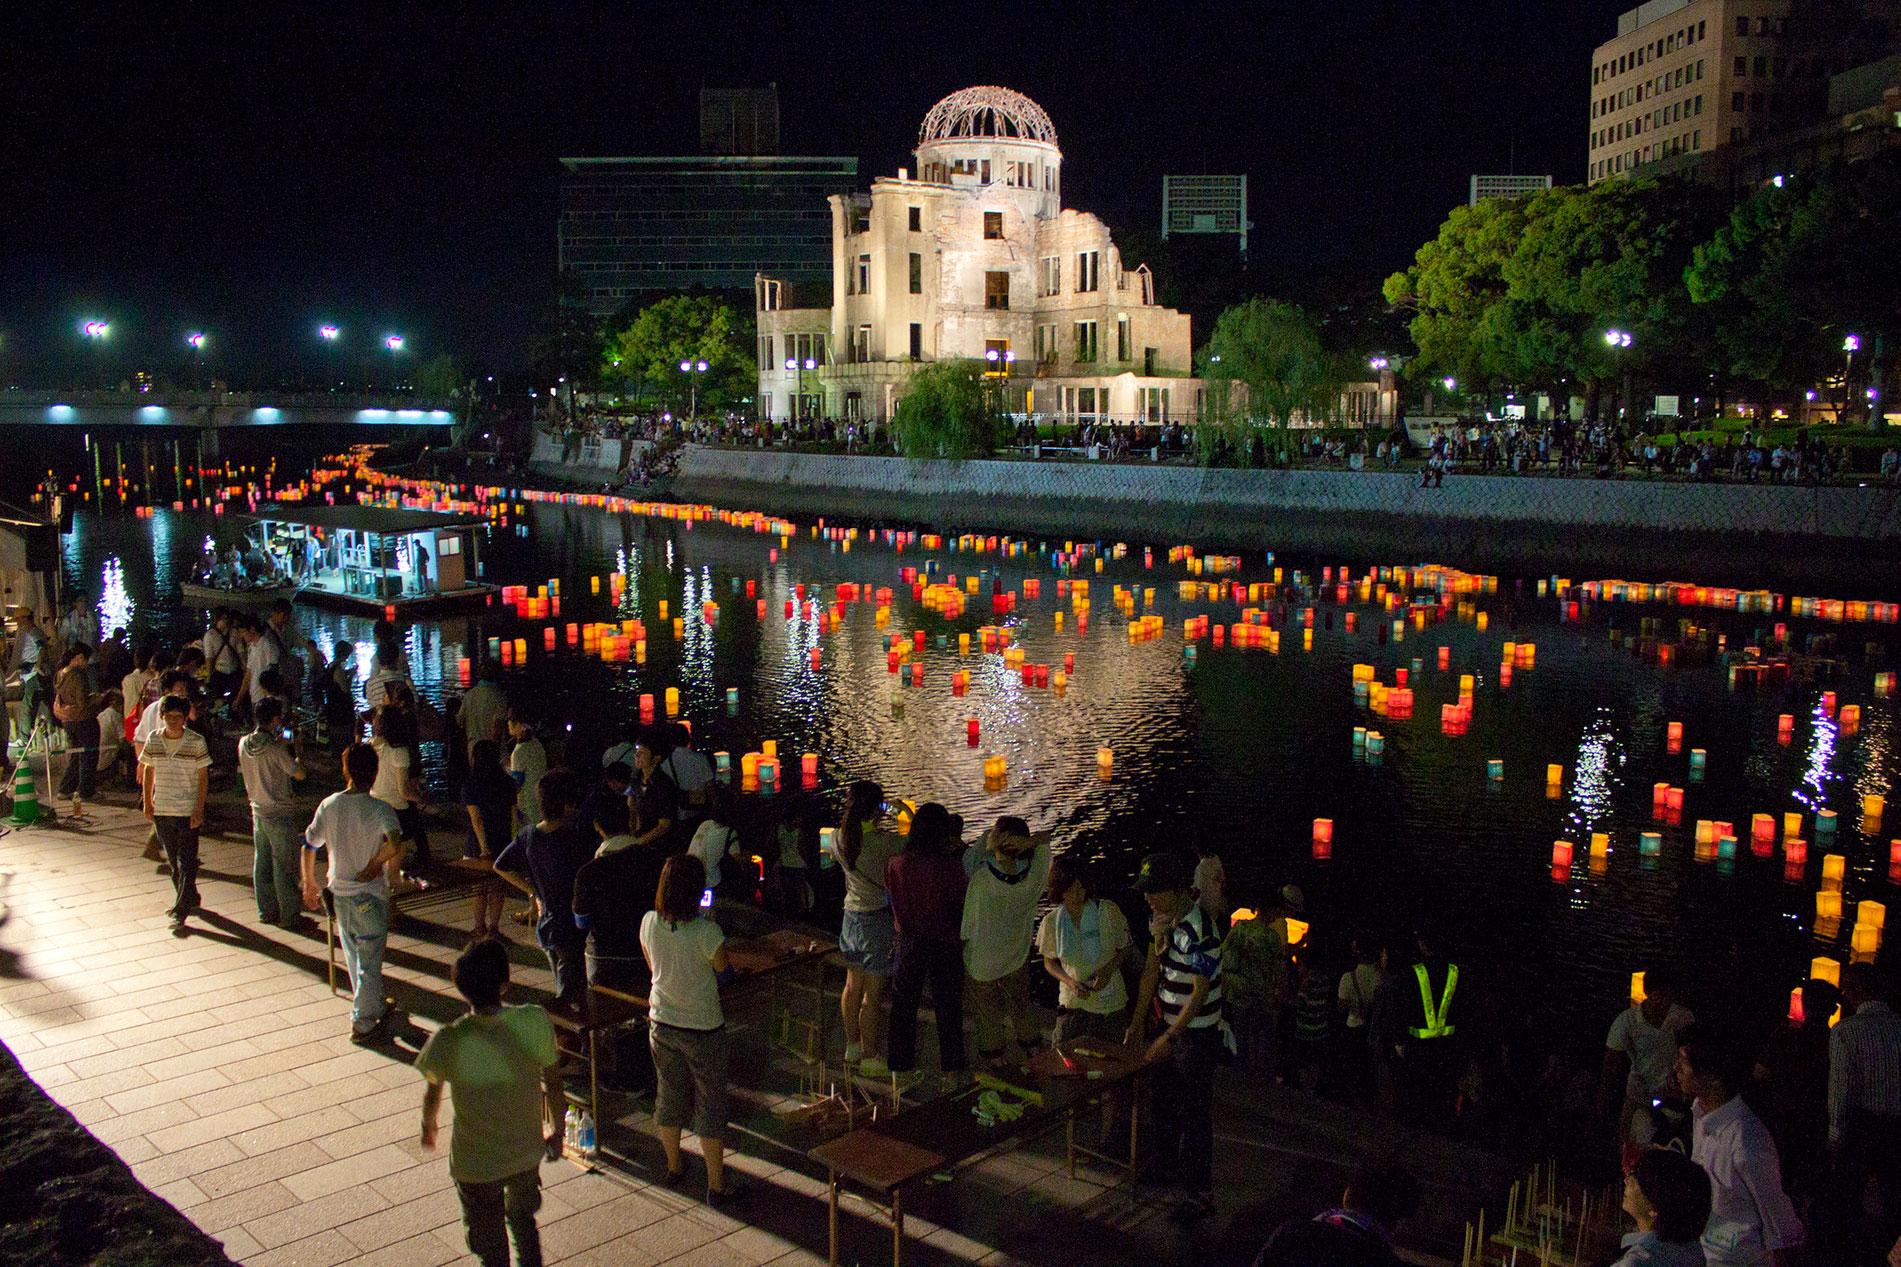 Jedes Jahr am 6. August wird in Hiroshima den Opfern des Atombombenabwurfs im Jahr 1945 mit bunten, schwimmenden Laternen gedacht. (Foto: terrykimura auf flickr https://www.flickr.com/photos/terrykimura/6068642770 CC BY-SA 2.0)